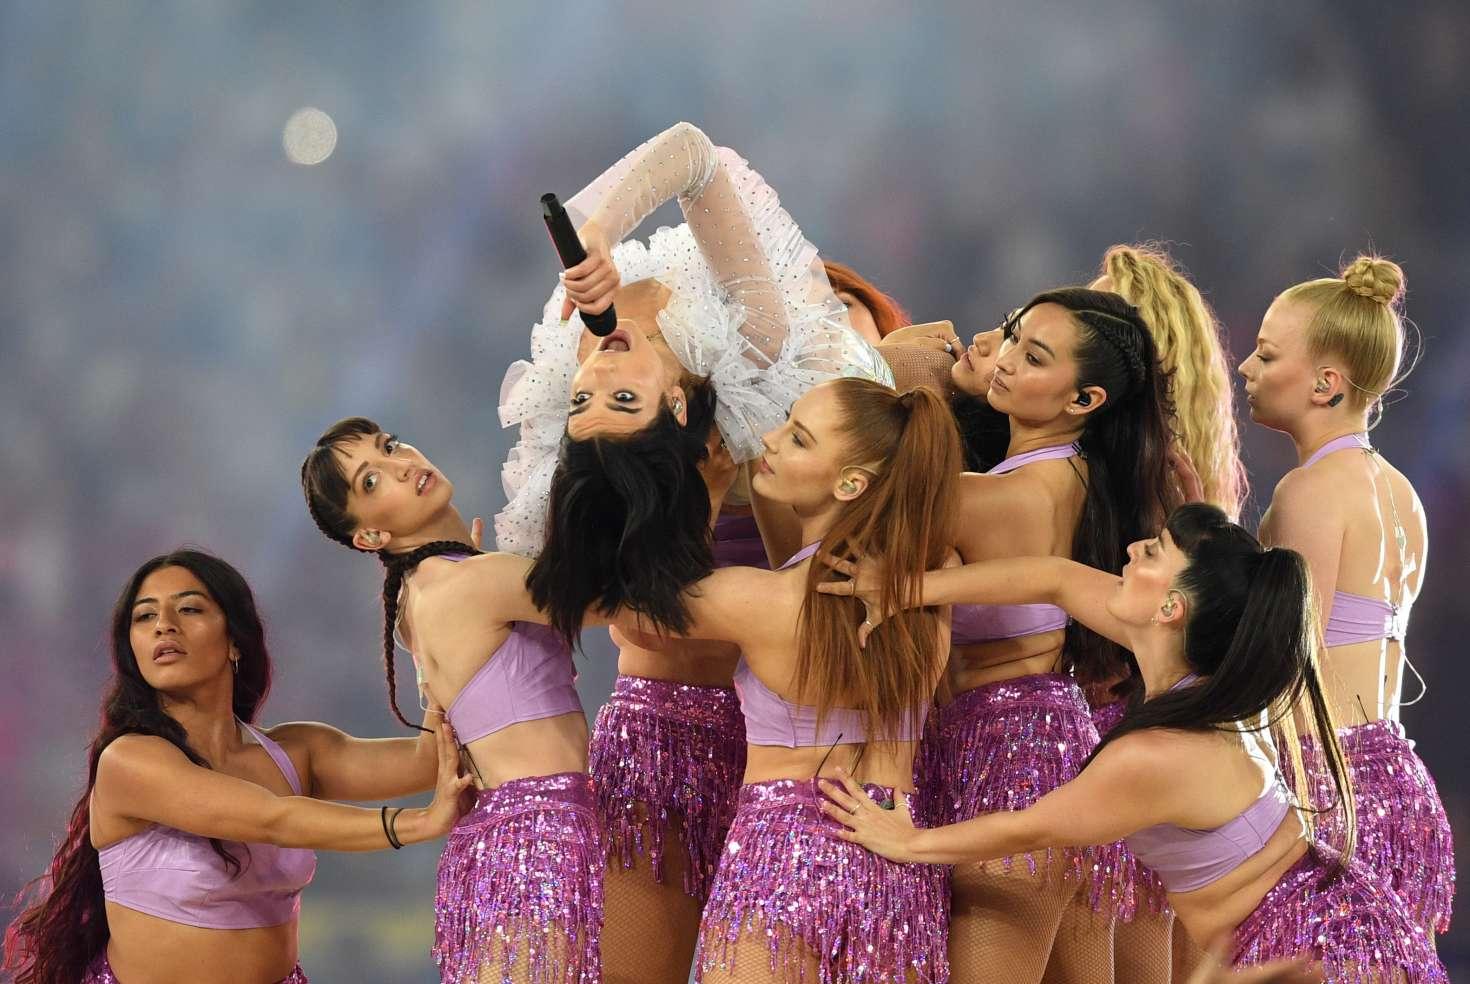 Британская певица Дуа Липа выступает в финале Лиги чемпионов УЕФА